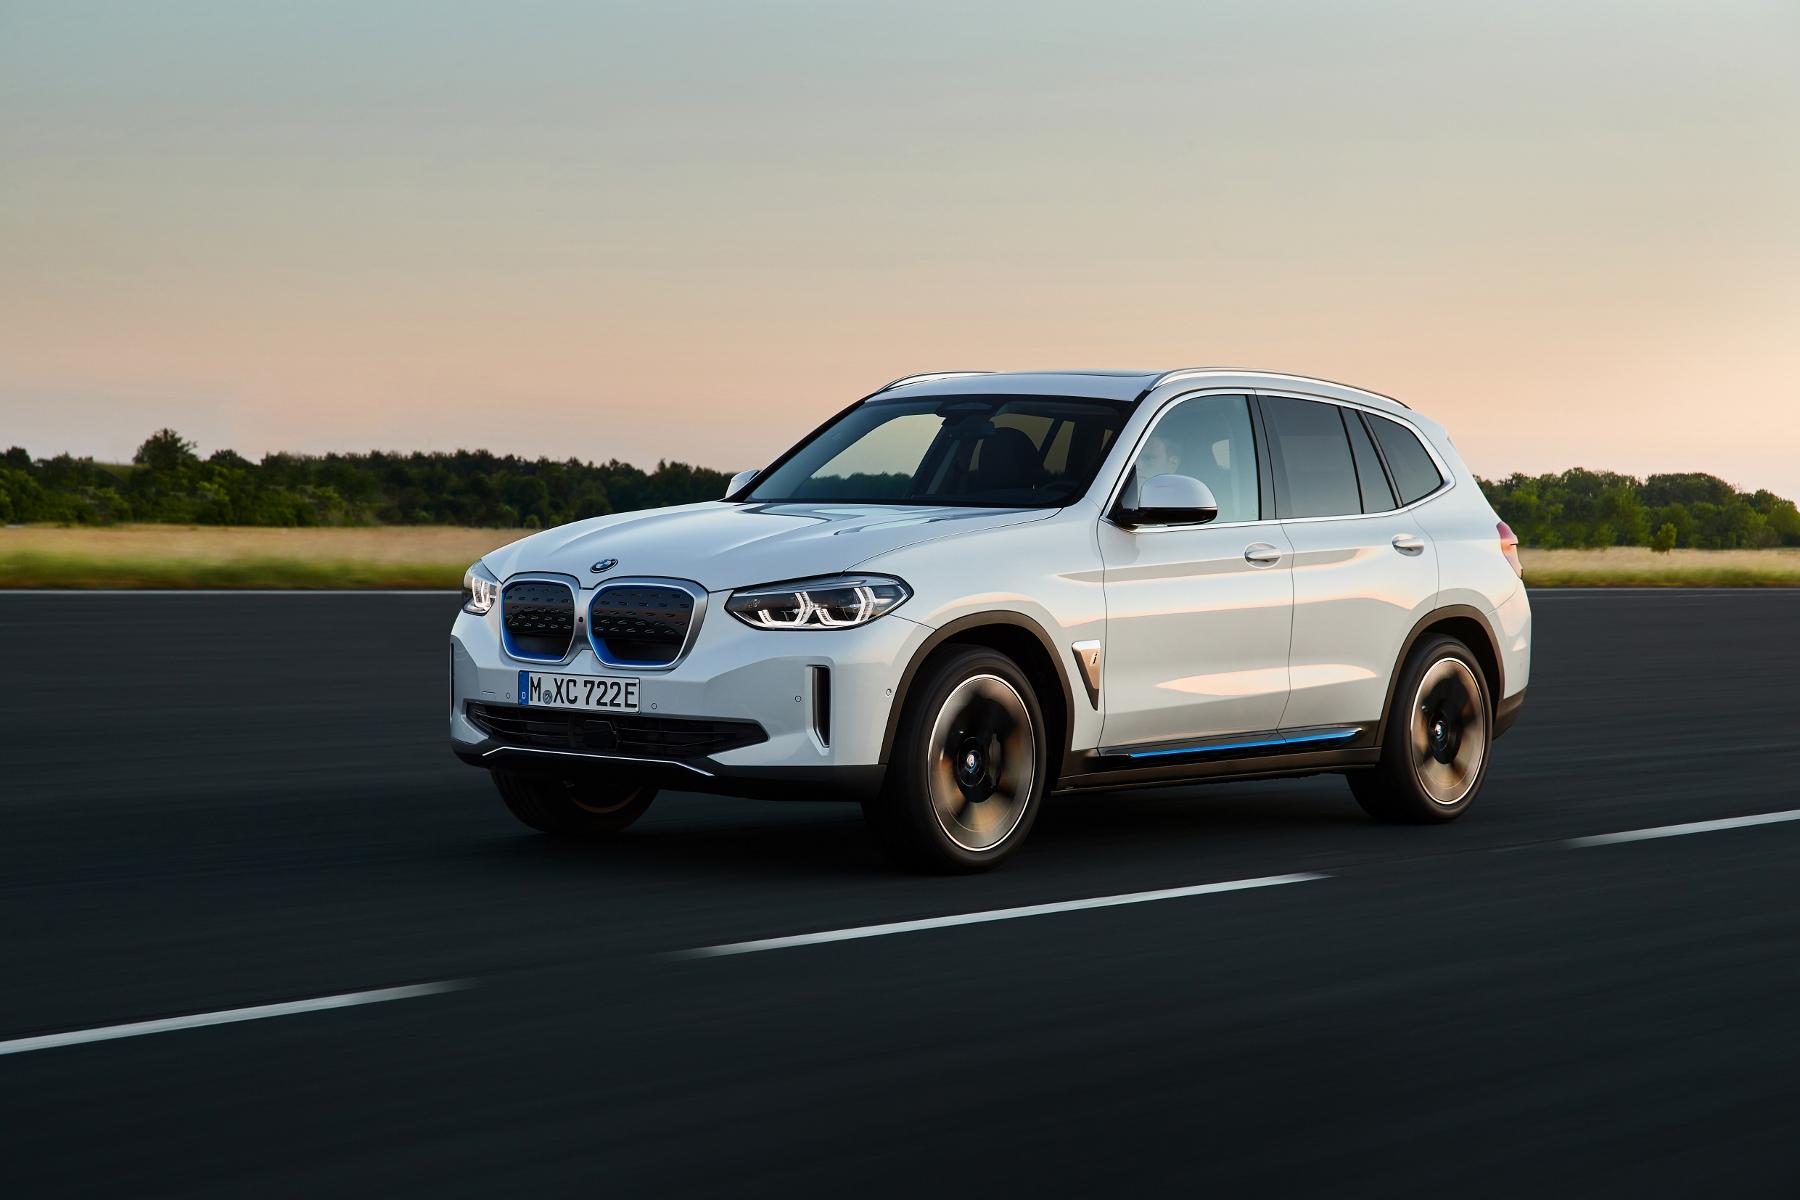 BMW ukázalo elektrické SUV iX3 s dojazdom 459 km O2N01H0z3a bmw-ix3-3